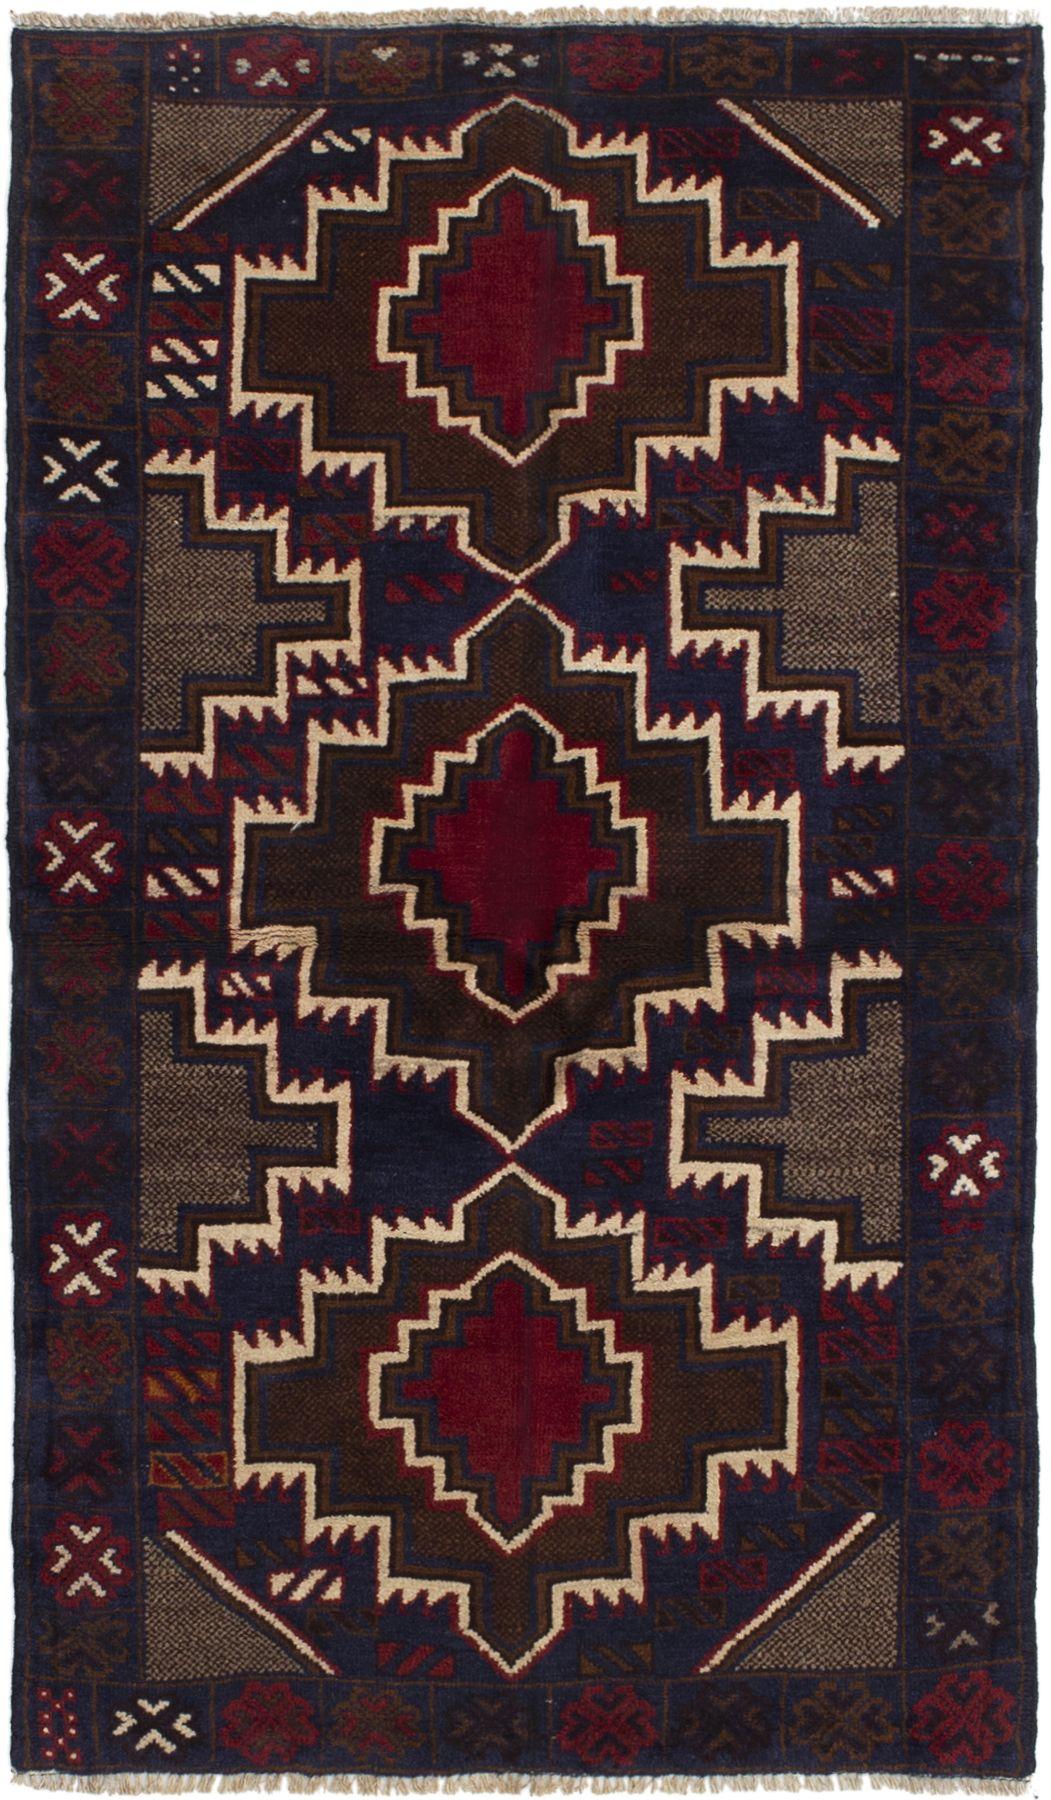 """Hand-knotted Kazak Brown, Dark Blue Wool Rug 3'3"""" x 5'11"""" Size: 3'3"""" x 5'11"""""""